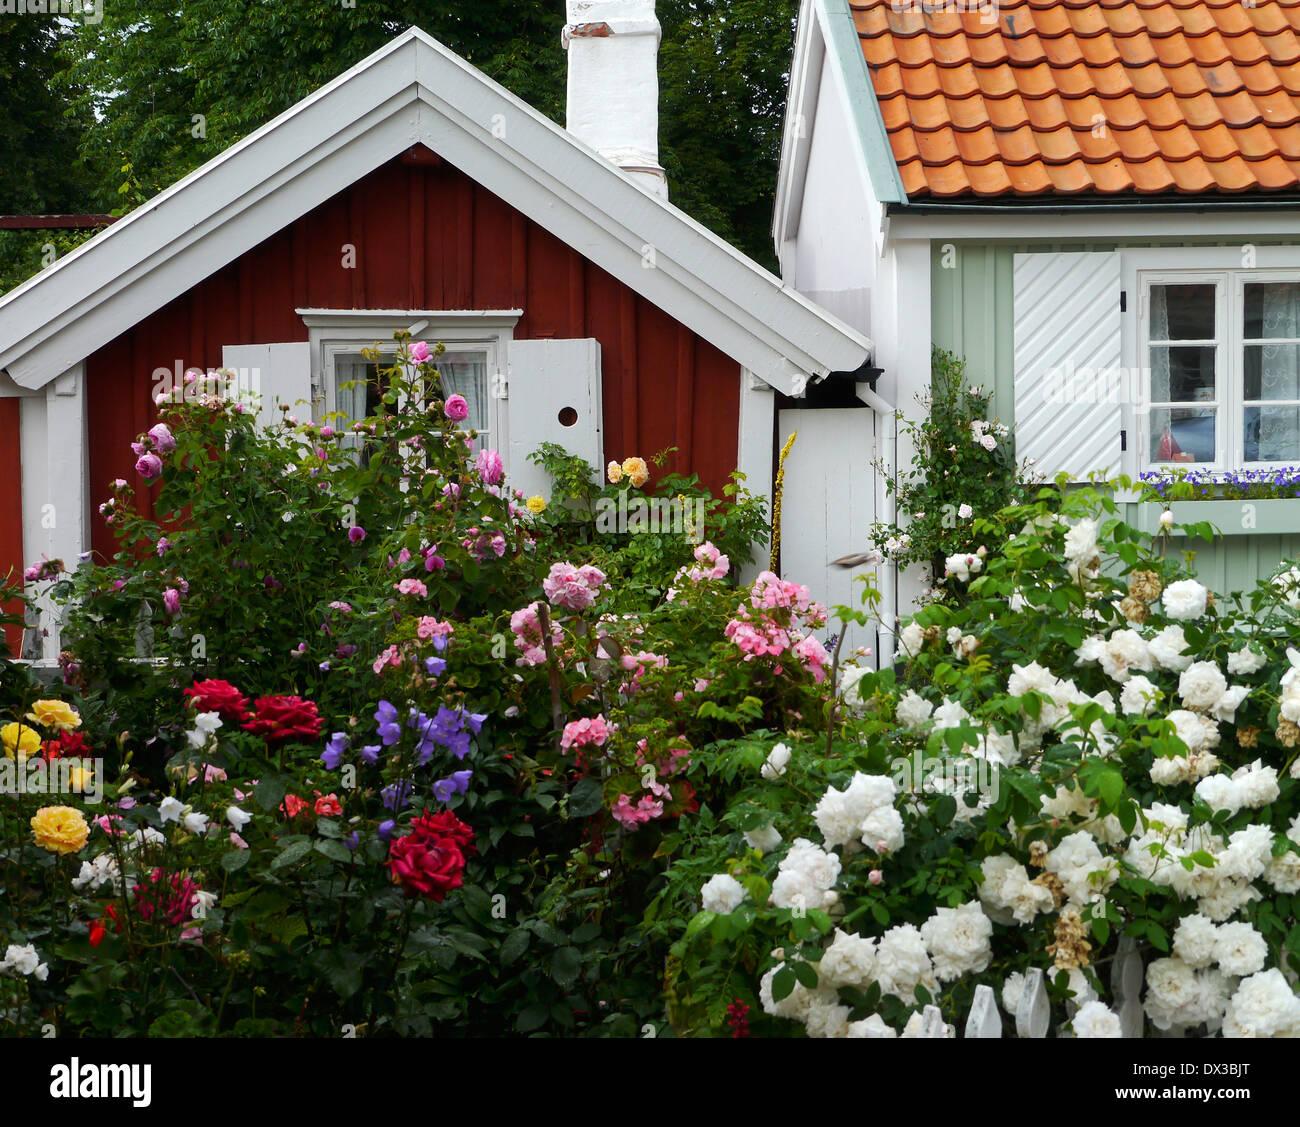 vasagatan in kalmar, kalmar län, småland, sweden - Stock Image